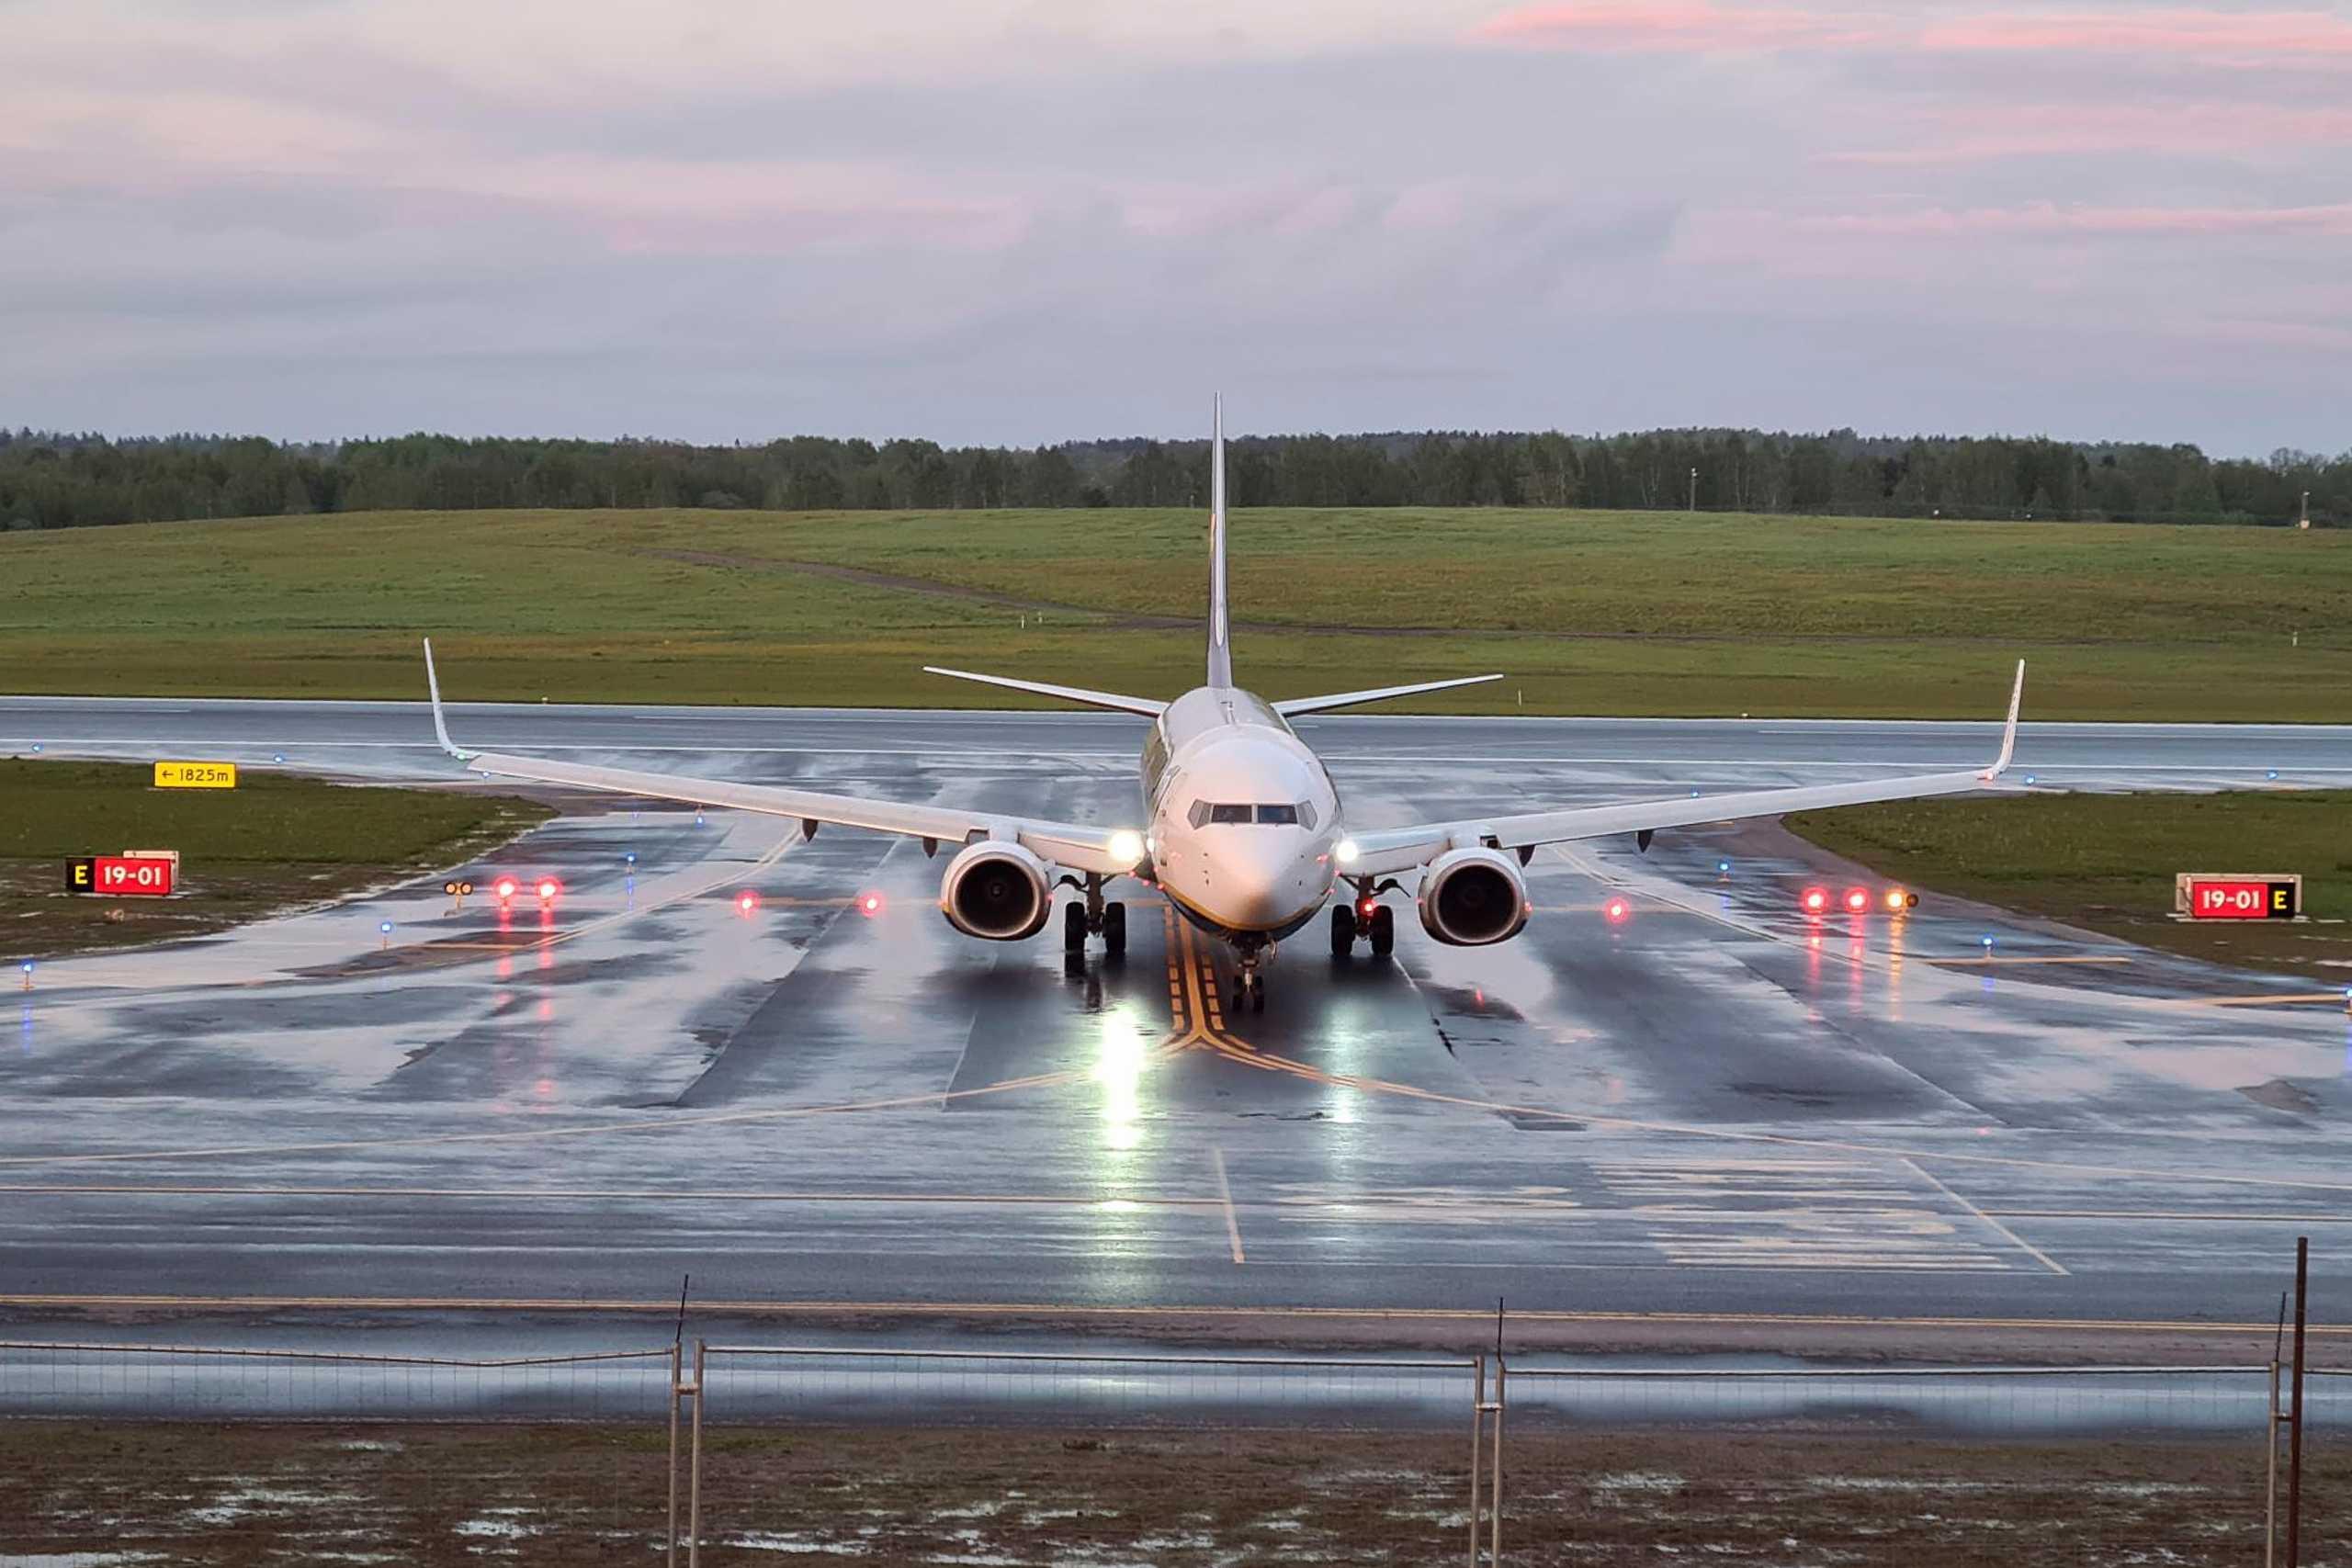 Πτήση Ryanair – Έλληνας επιβάτης: Είπαν στον πιλότο ότι θα ρίξουν το αεροπλάνο, αν δεν το κατεβάσει (vids)